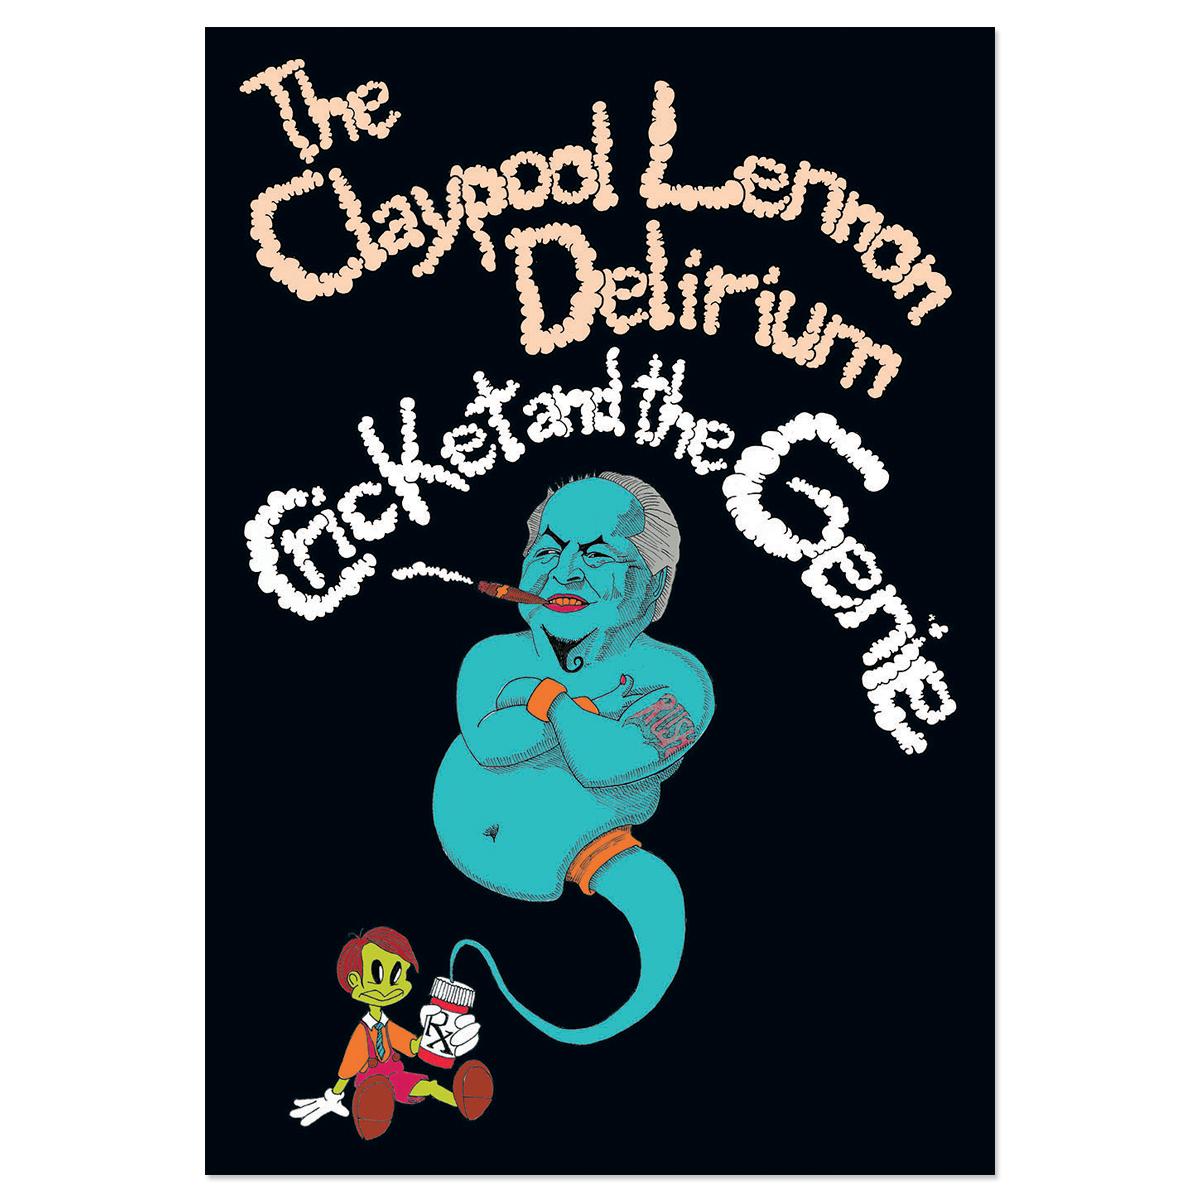 Resultado de imagen de The Claypool Lennon Delirium